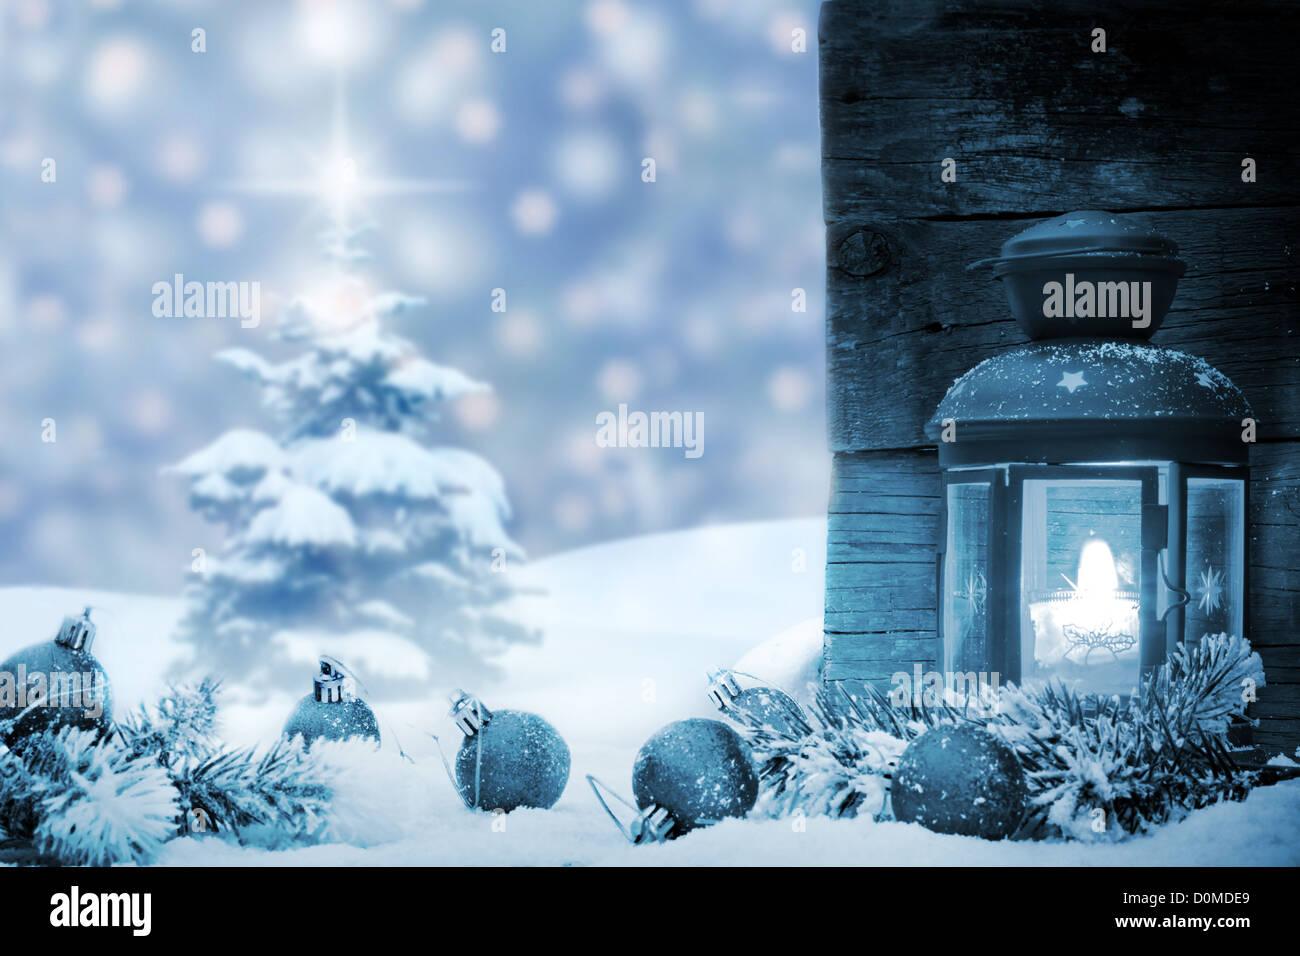 Immagini Di Natale Con La Neve.Baubles Di Natale Con La Lanterna Di Neve E Albero Concetto